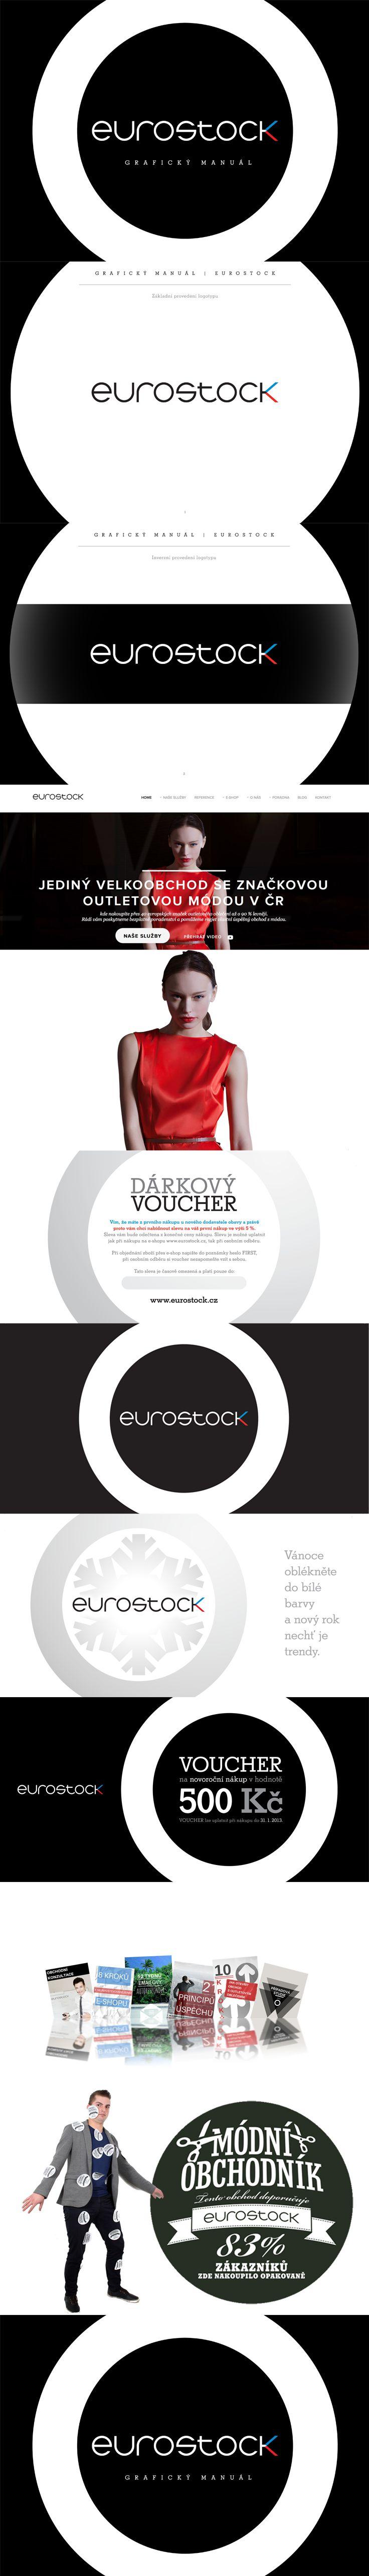 Malá grafická ukázka značky EUROSTOCK ww.eurostock.cz Pomůžeme vám k profesionálnímu vzhledu společnosti. Kontakt info@steinermedia.cz